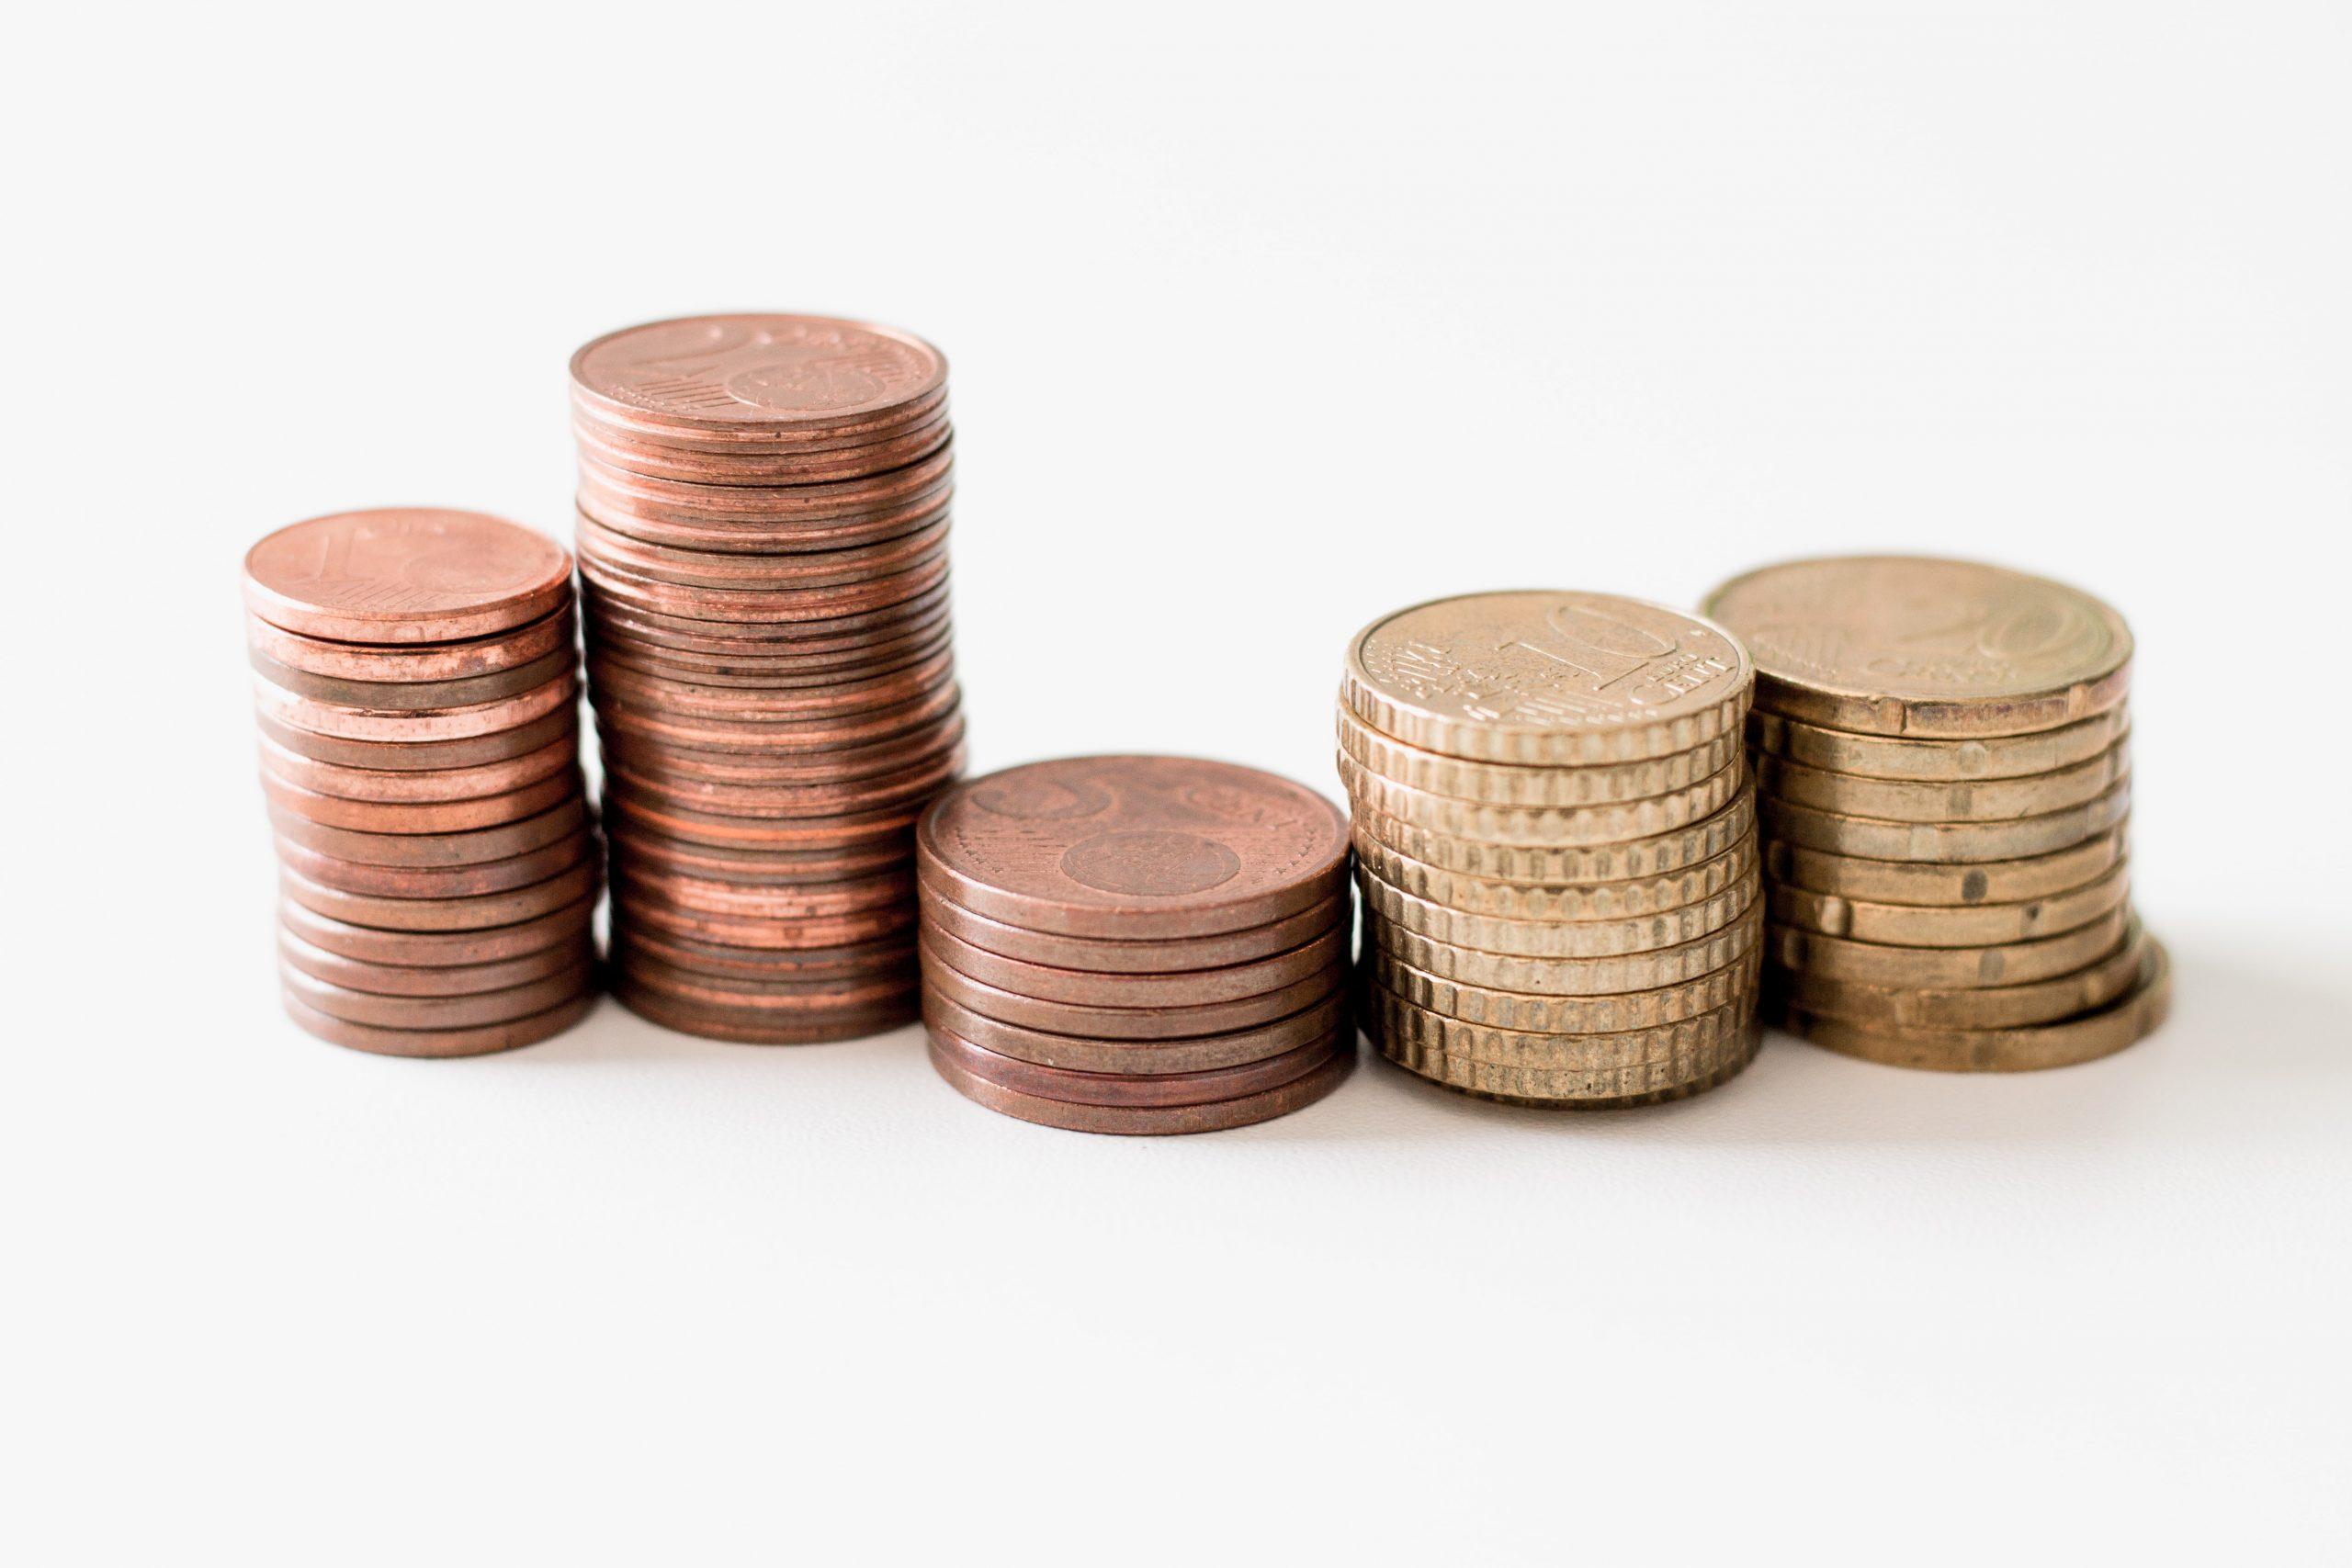 V akej výške bude kredit pre slovensko?